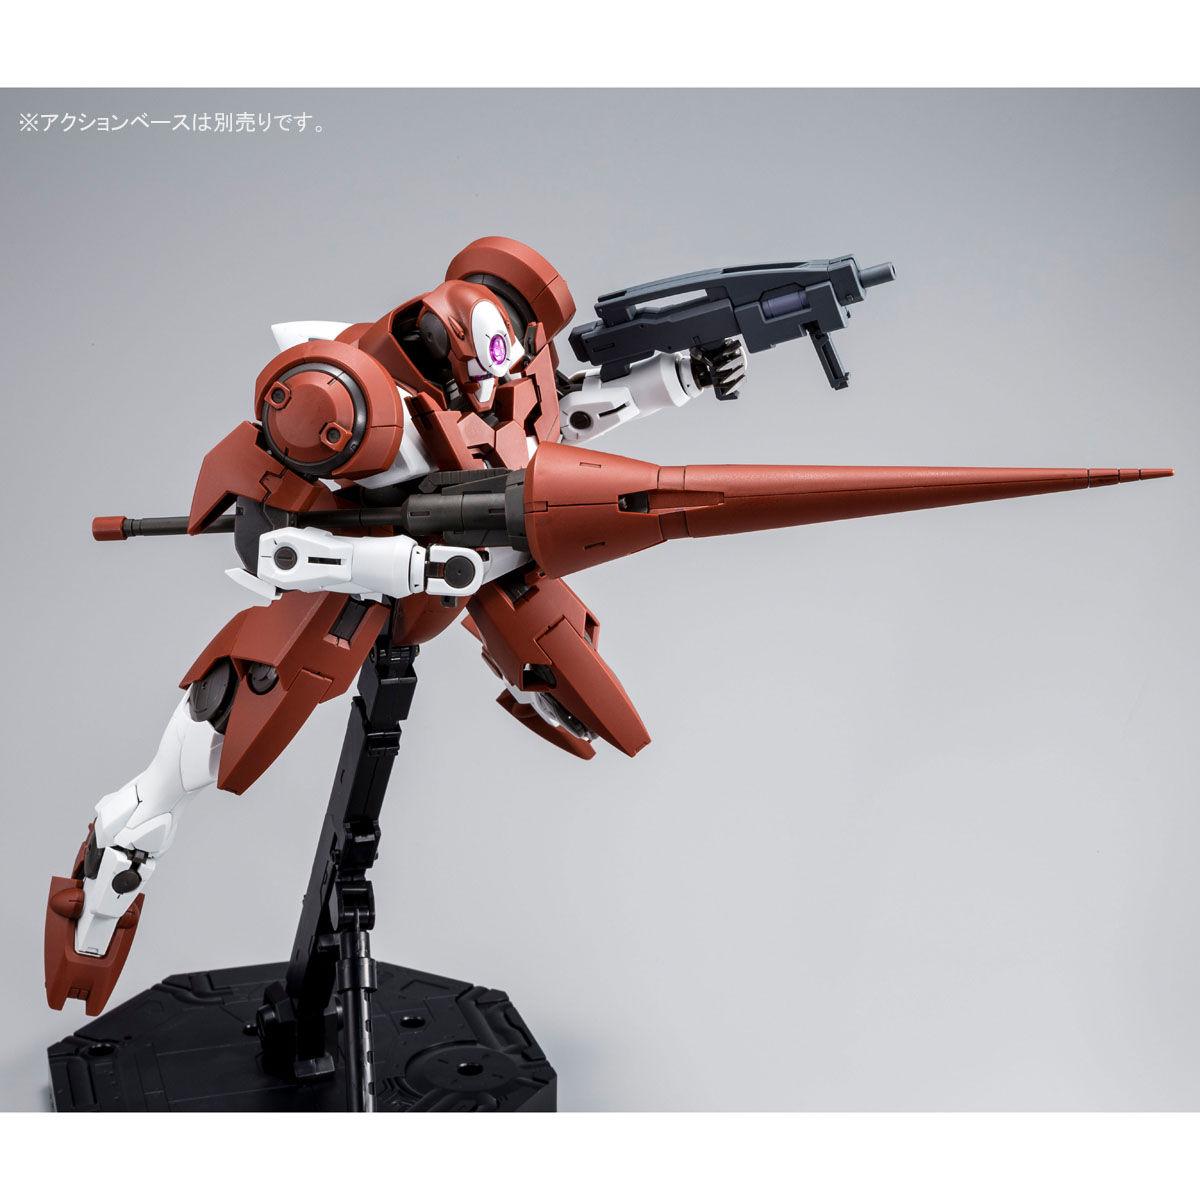 ガンプラ MG ジンクスIII(アロウズ型)